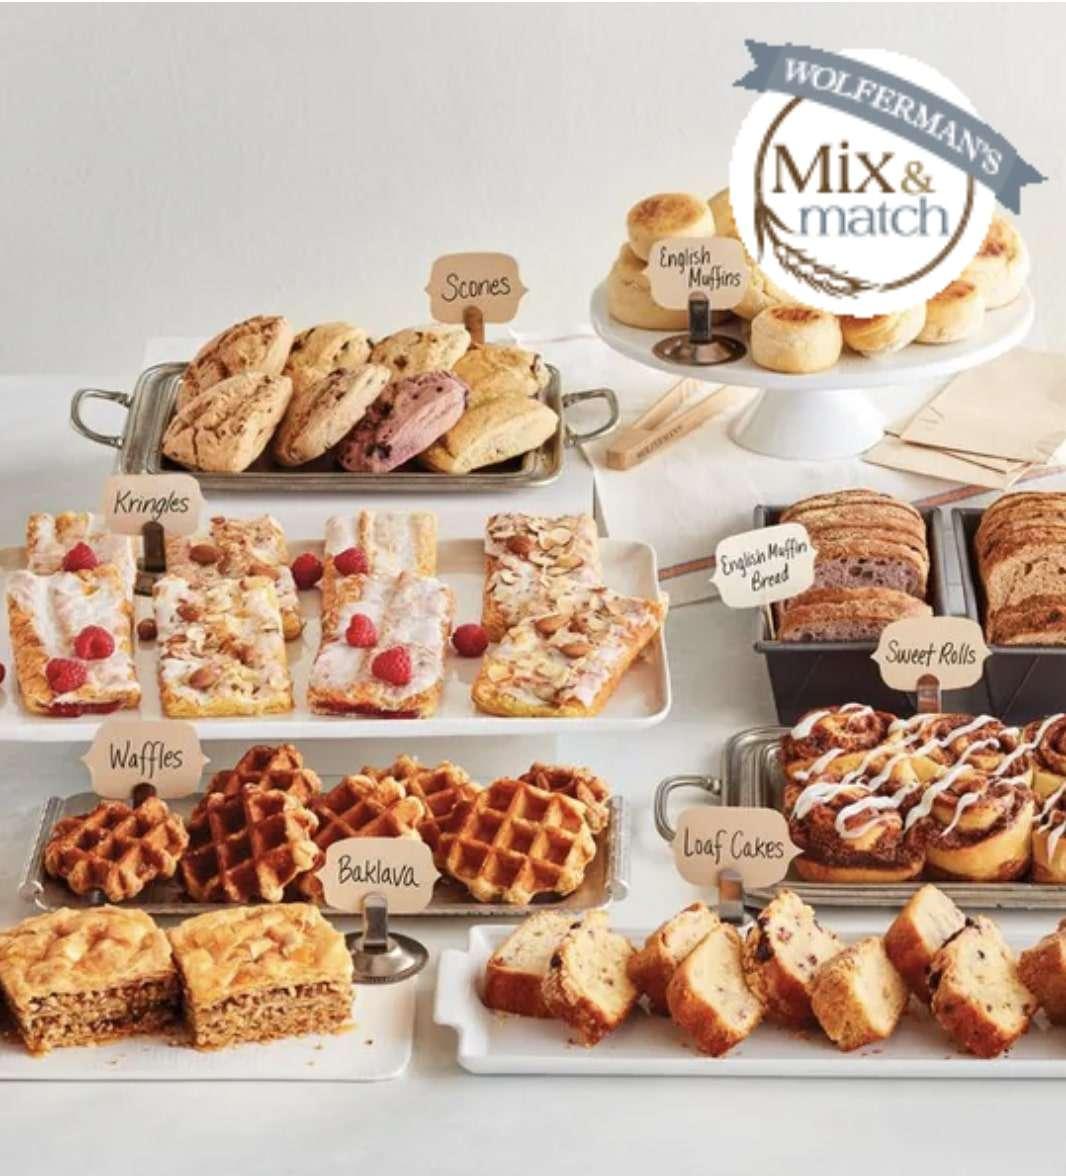 wolfermans-bakery-mix